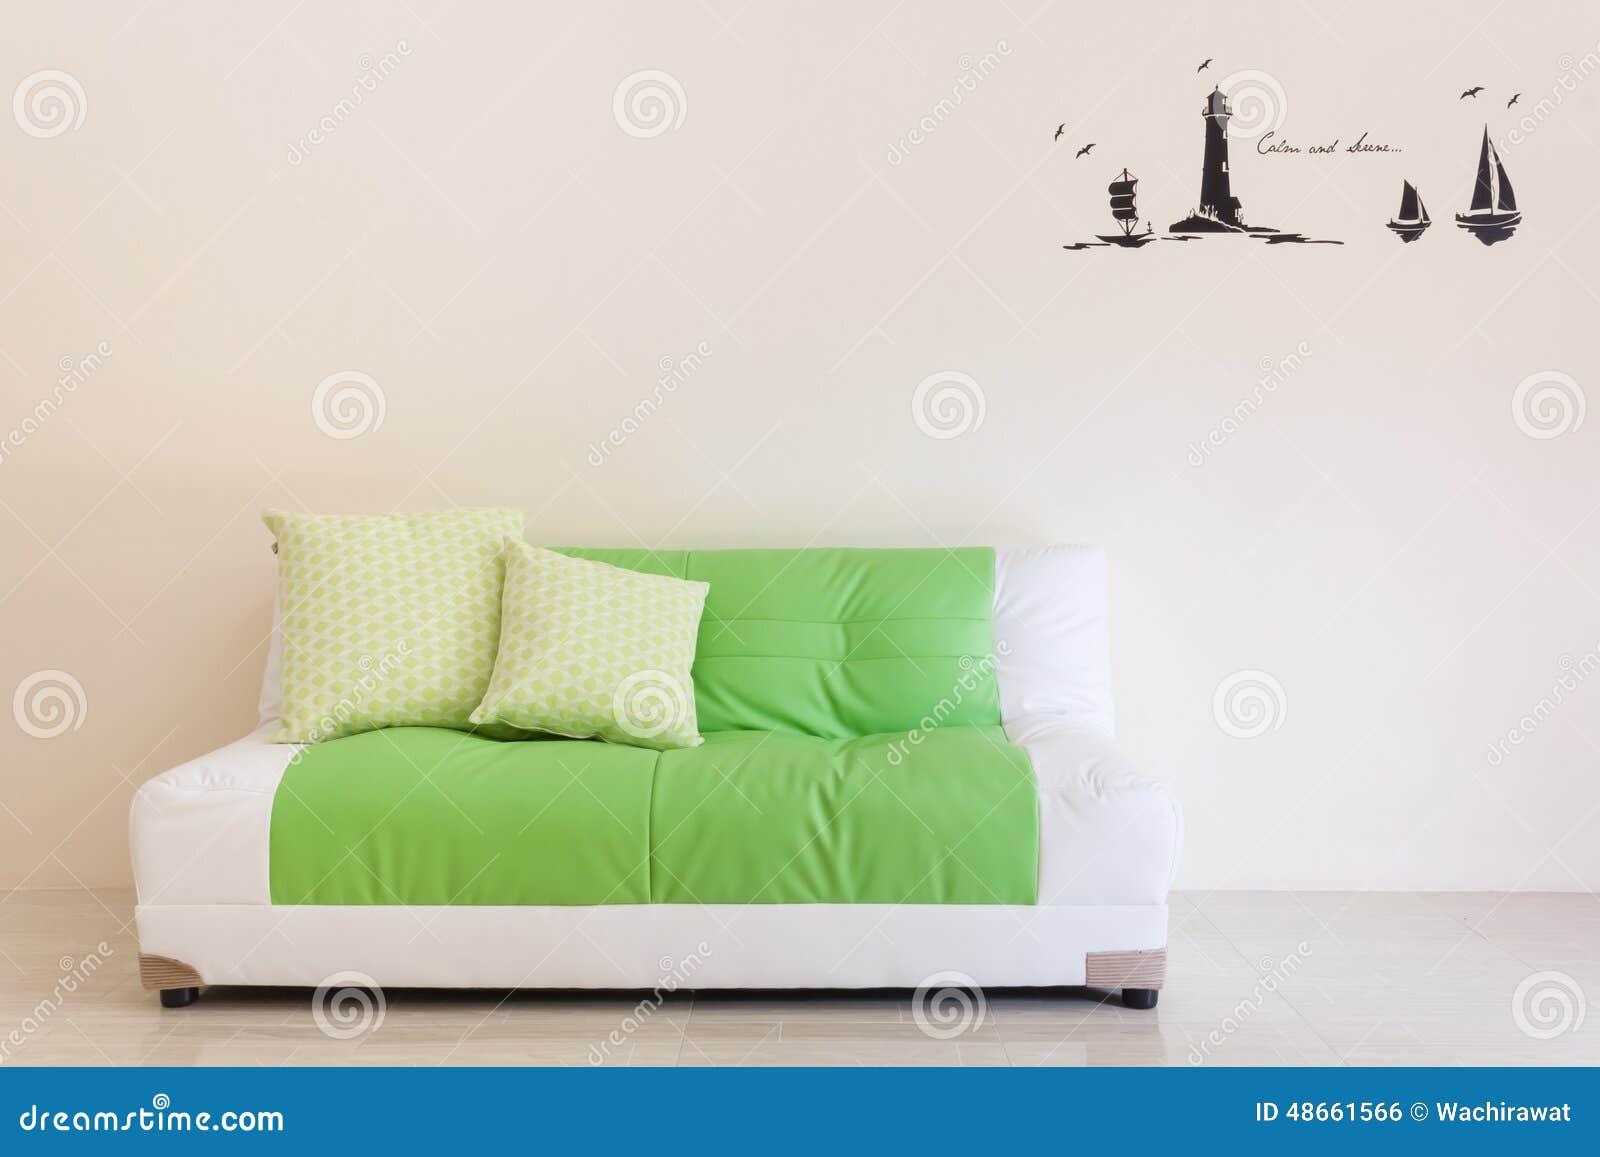 Wohnzimmer Mit Grun Weissem Sofa Nach Innen Stockfoto Bild Von Wand